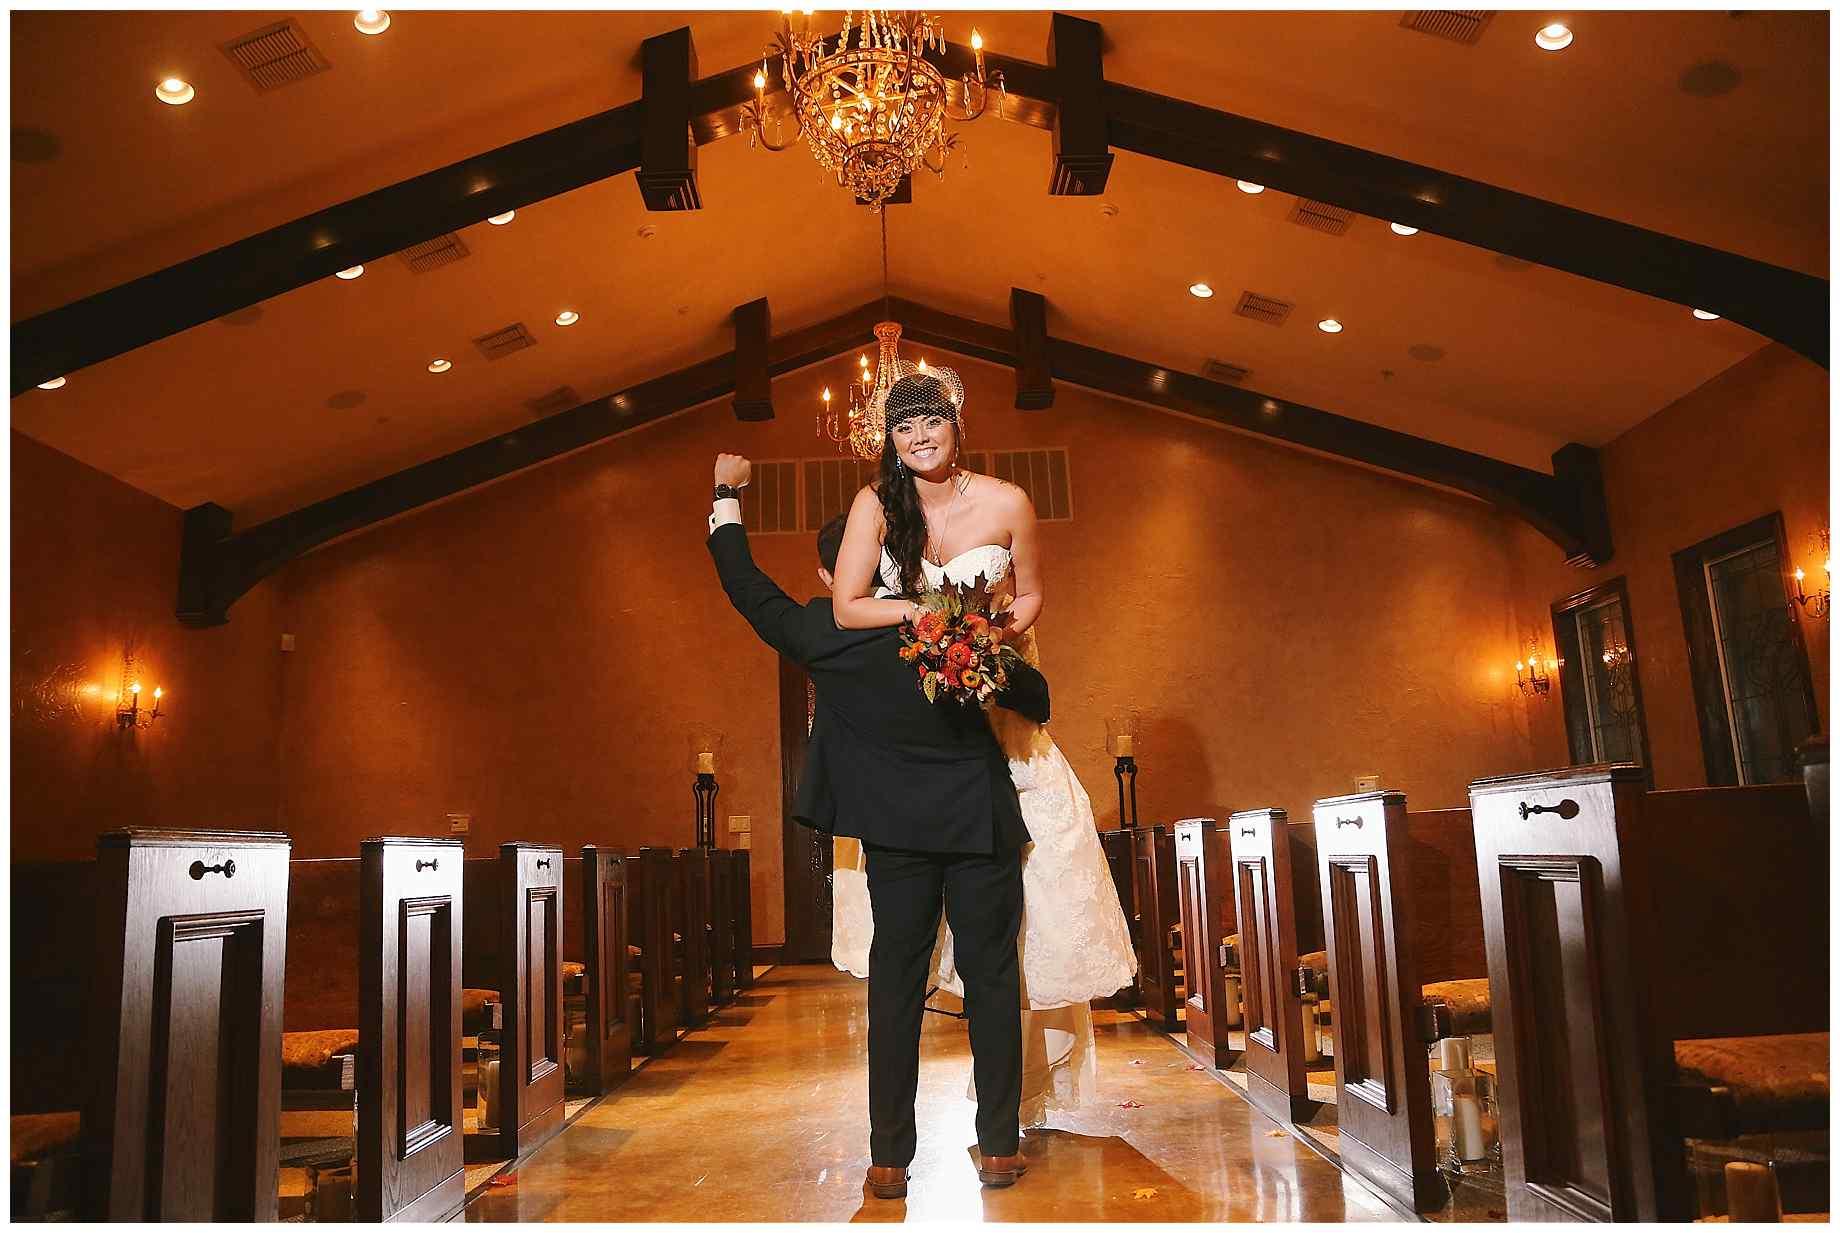 Le-Beaux-Chateau-wedding-photos-027